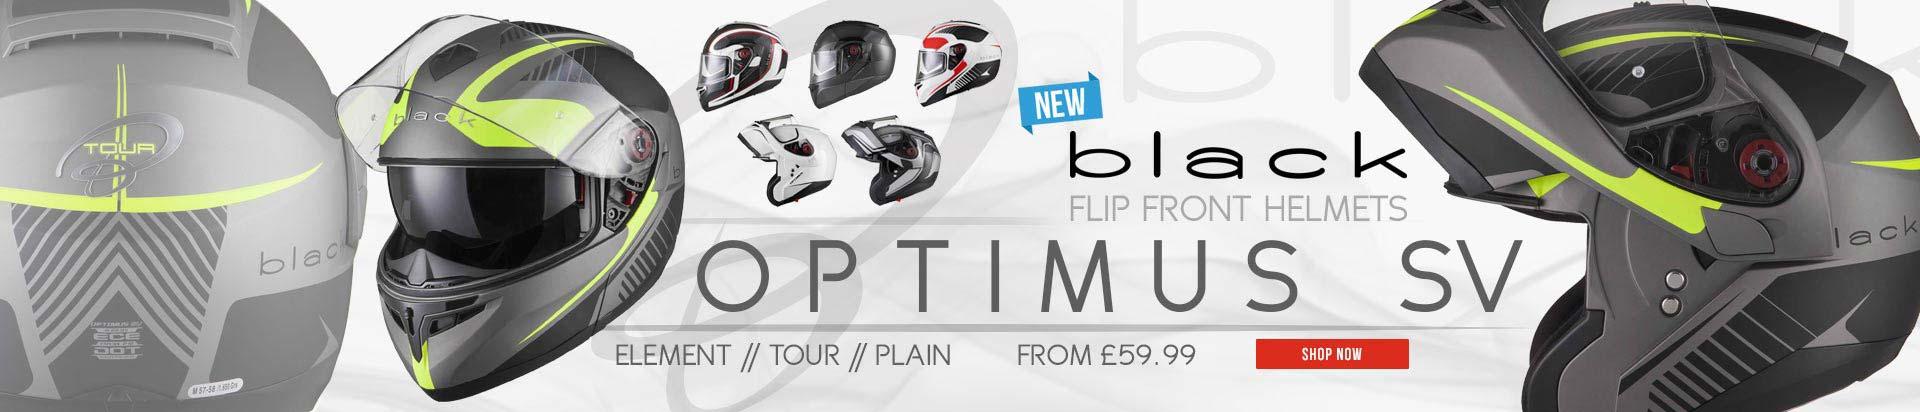 Black Optimus SV Flip Front Helmet